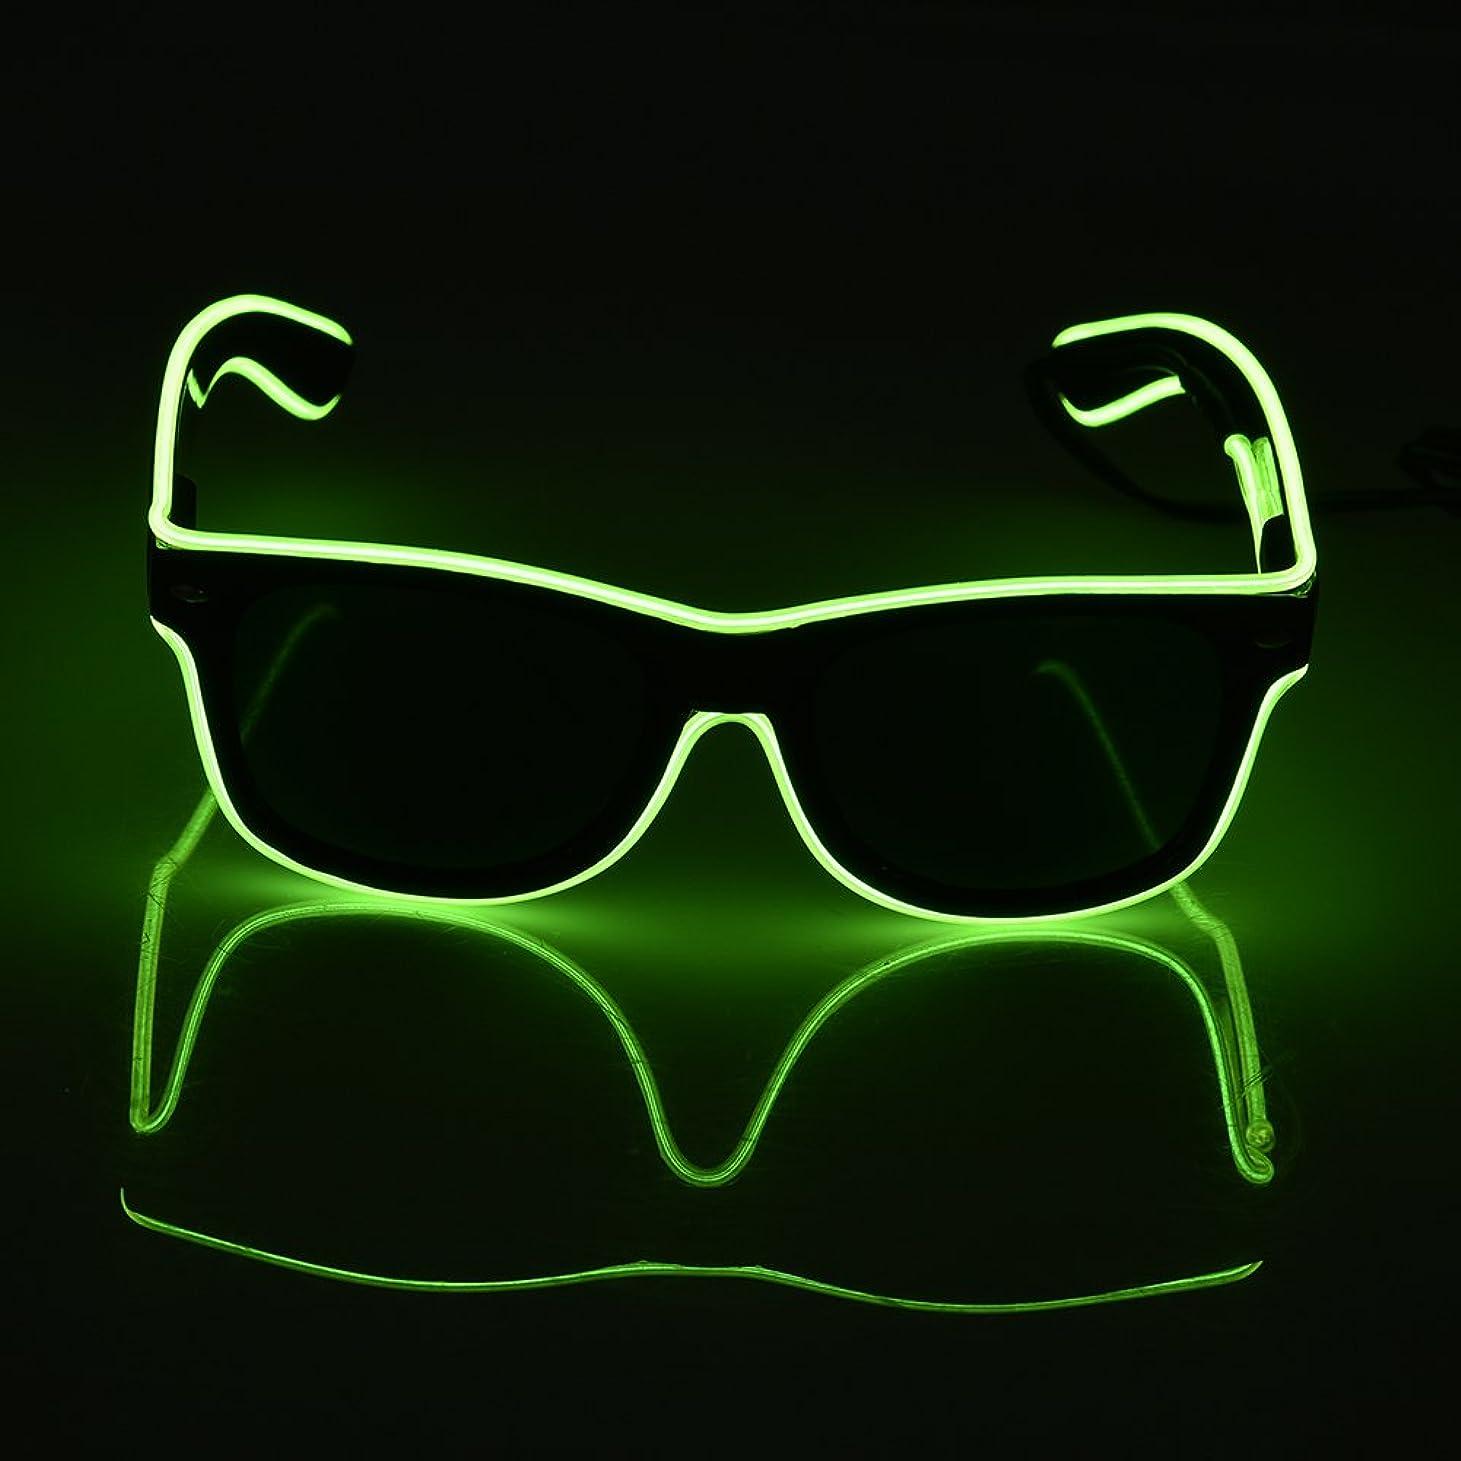 高速道路器官トリクルSUND led メガネLED 光るサングラス 光るメガネ コスプレ コスチューム 衣装 おもしろ パーティーグッズ 2色